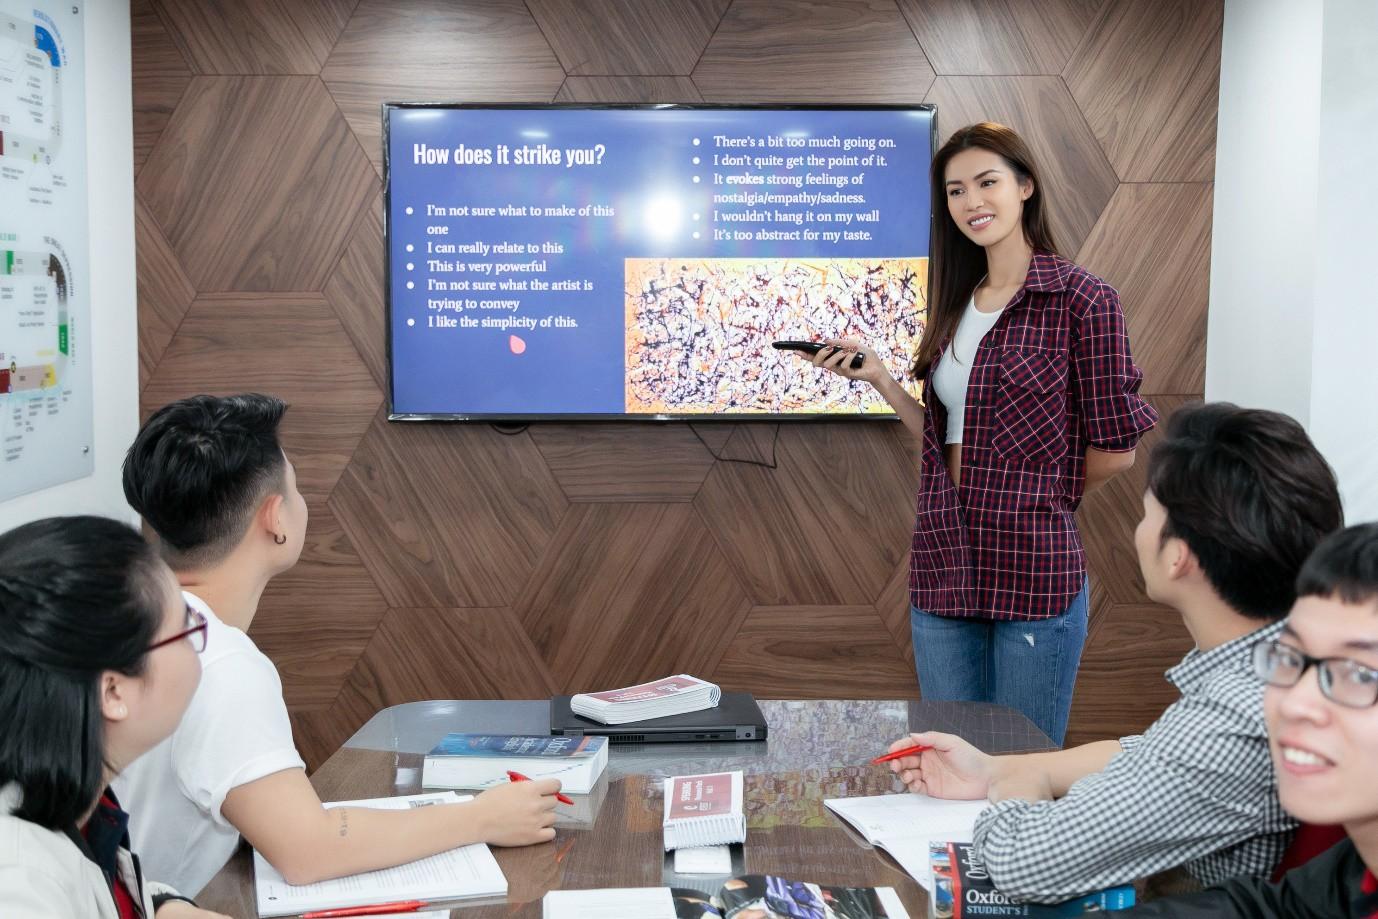 Minh Tú nói tiếng Anh ngày càng hoàn thiện, đây là nơi giúp cô trau dồi kỹ năng ngoại ngữ của mình! - Ảnh 7.